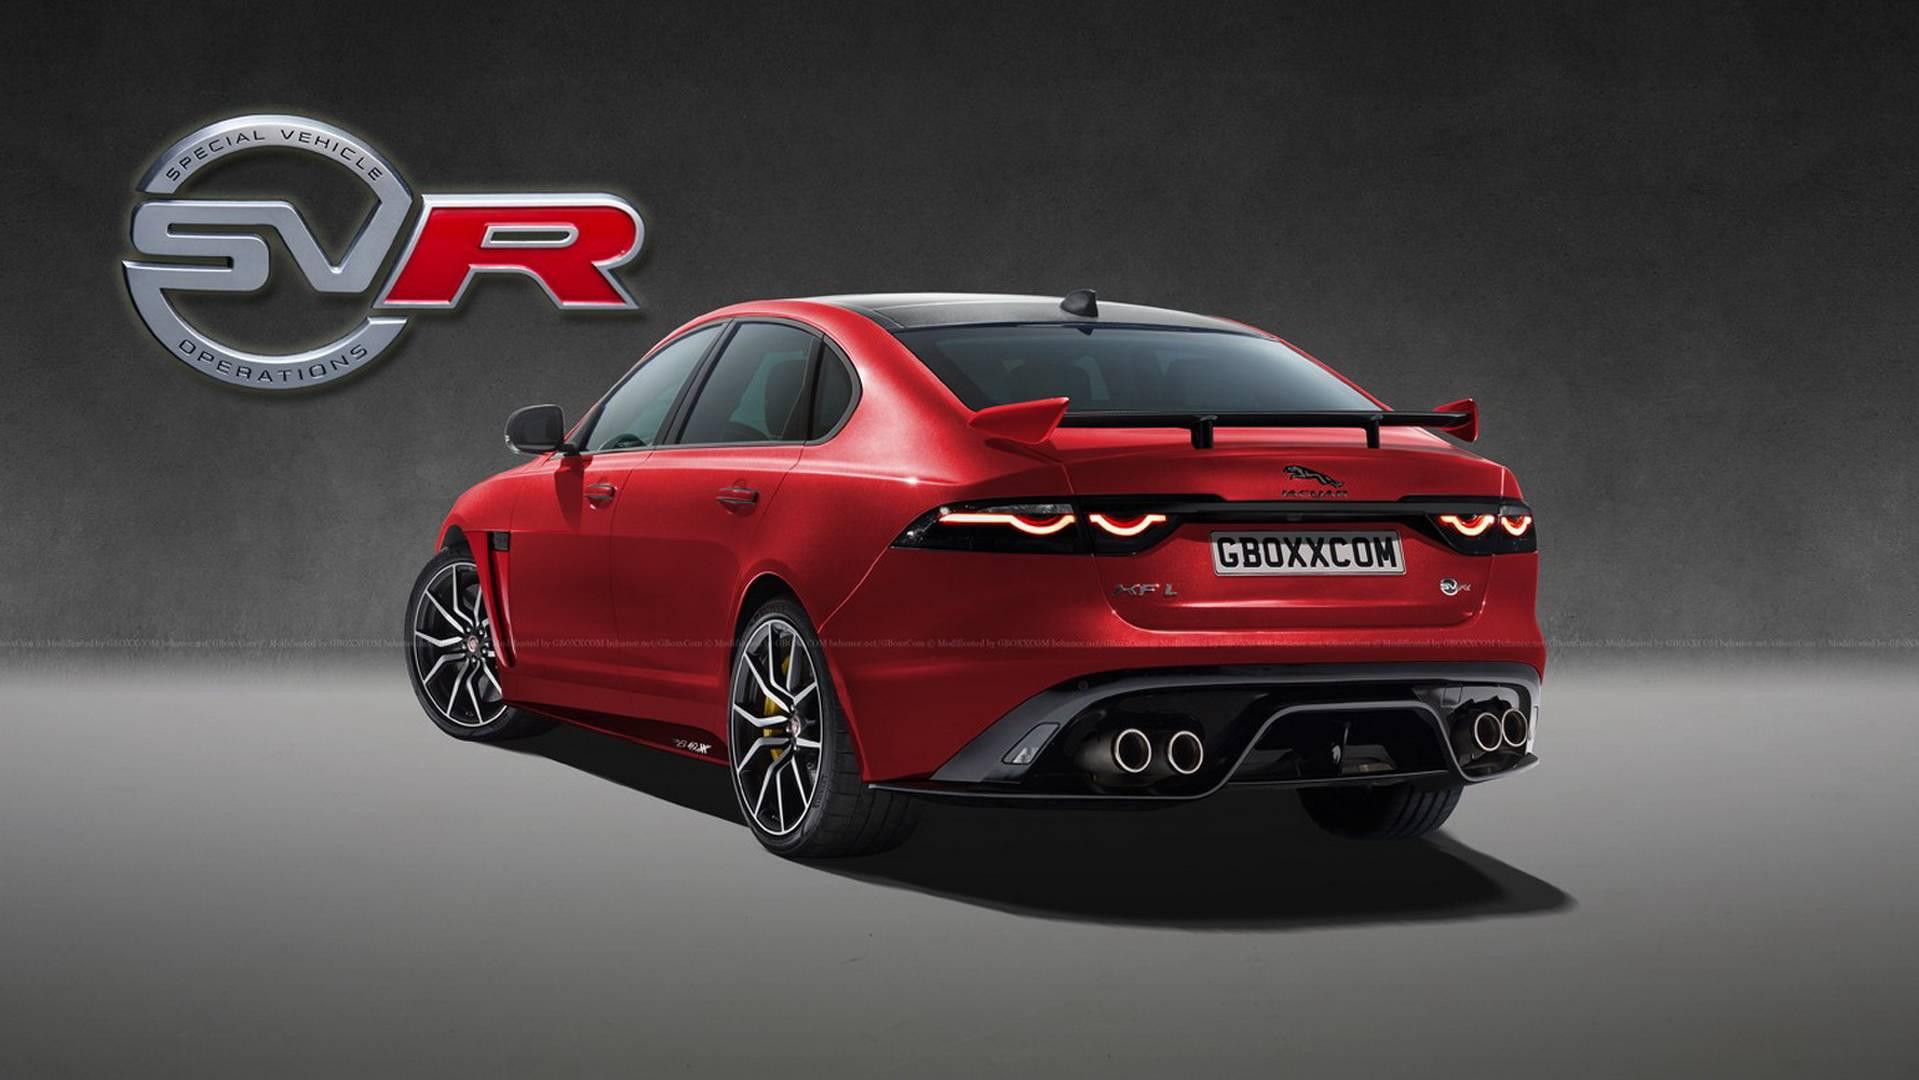 جگوار XF SVR - اجاره خودرو - اجاره ماشین - کرایه ماشین